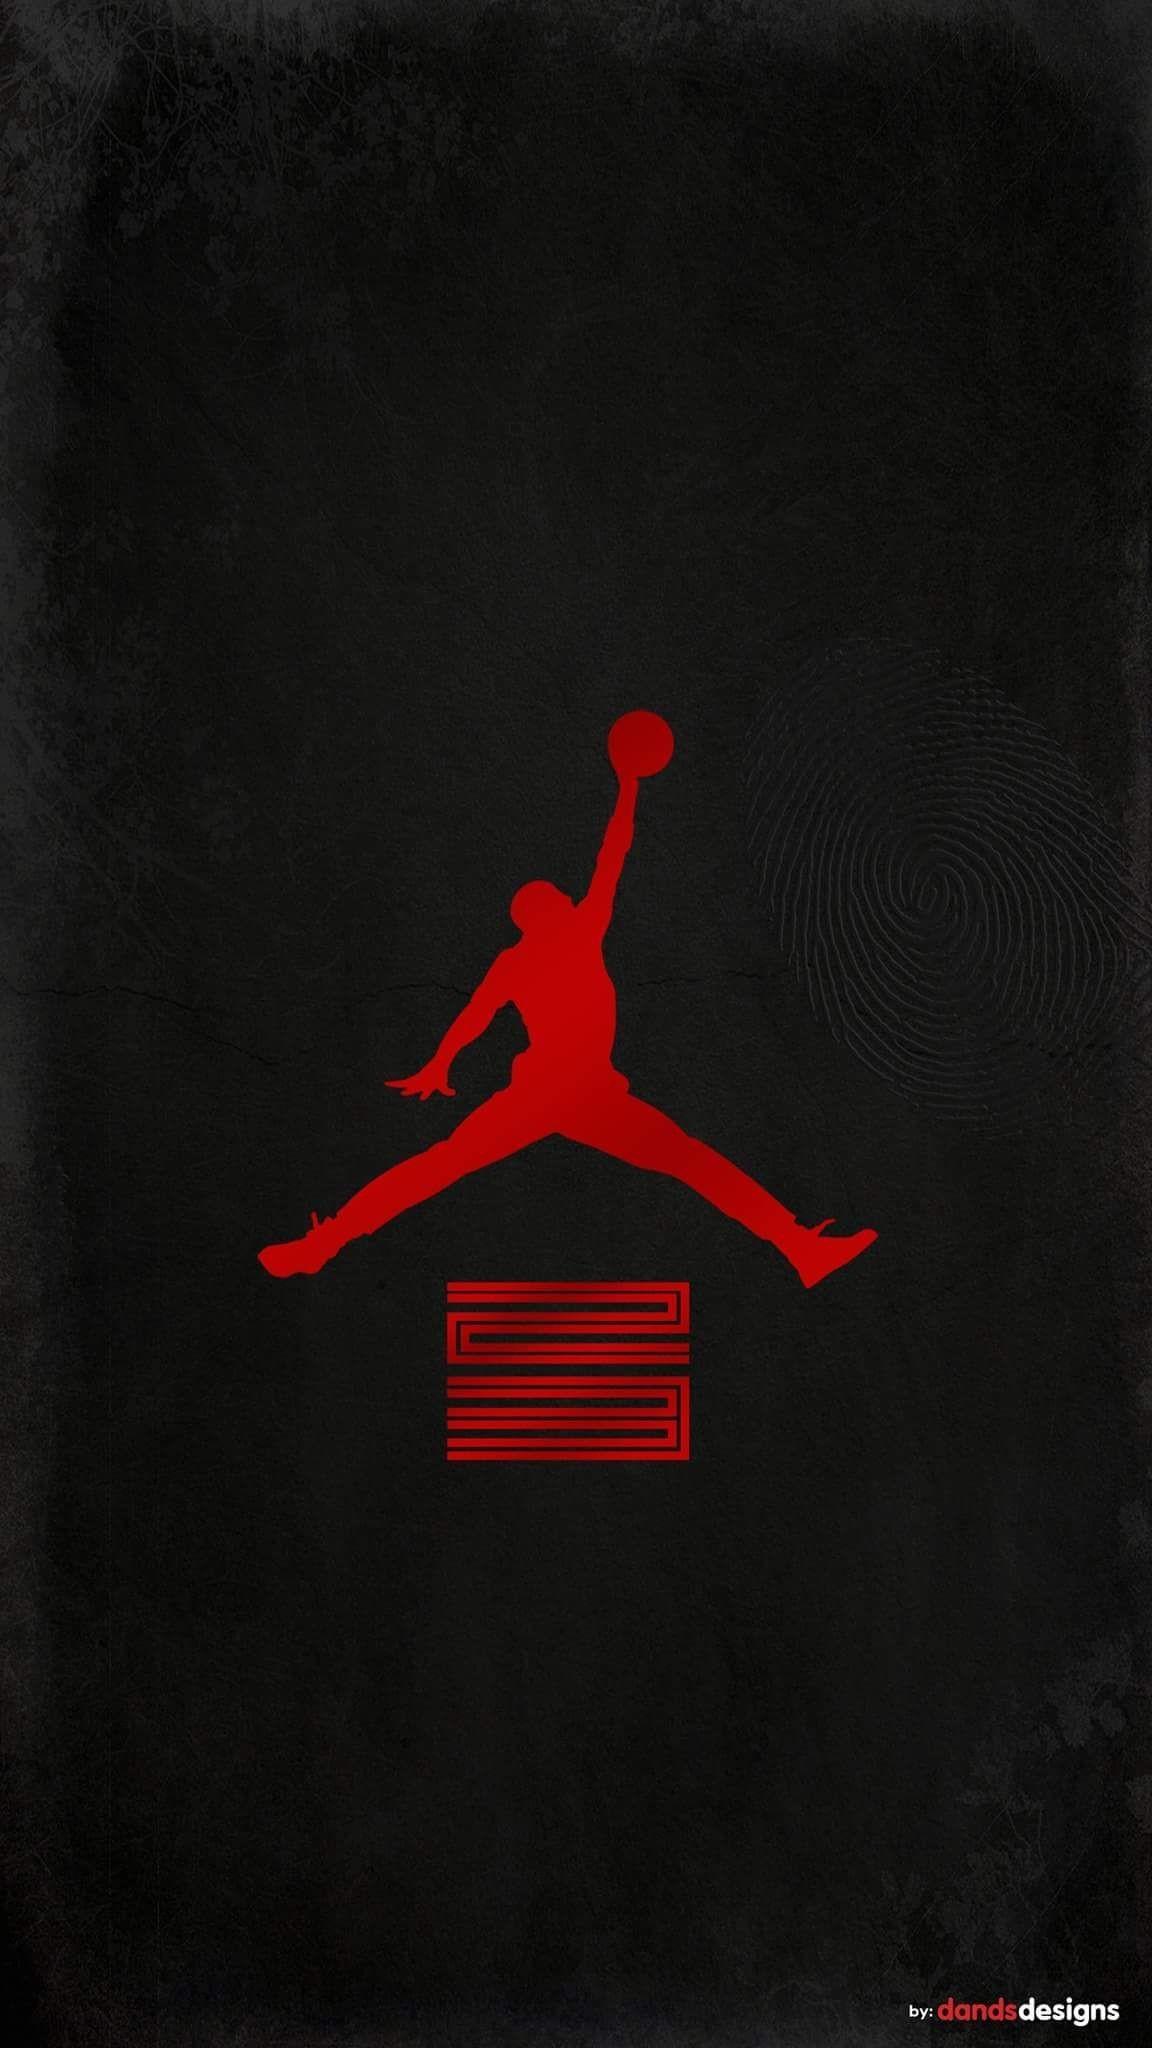 Air Jordan Logo Wallpapers - Top Free